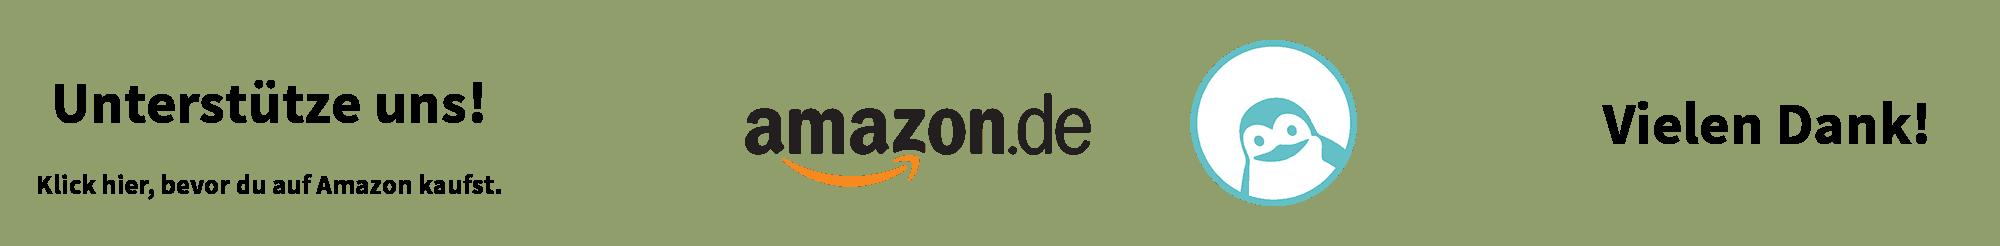 Unterstütze uns! Klick hier, bevor du auf Amazon kaufst. Vielen Dank!